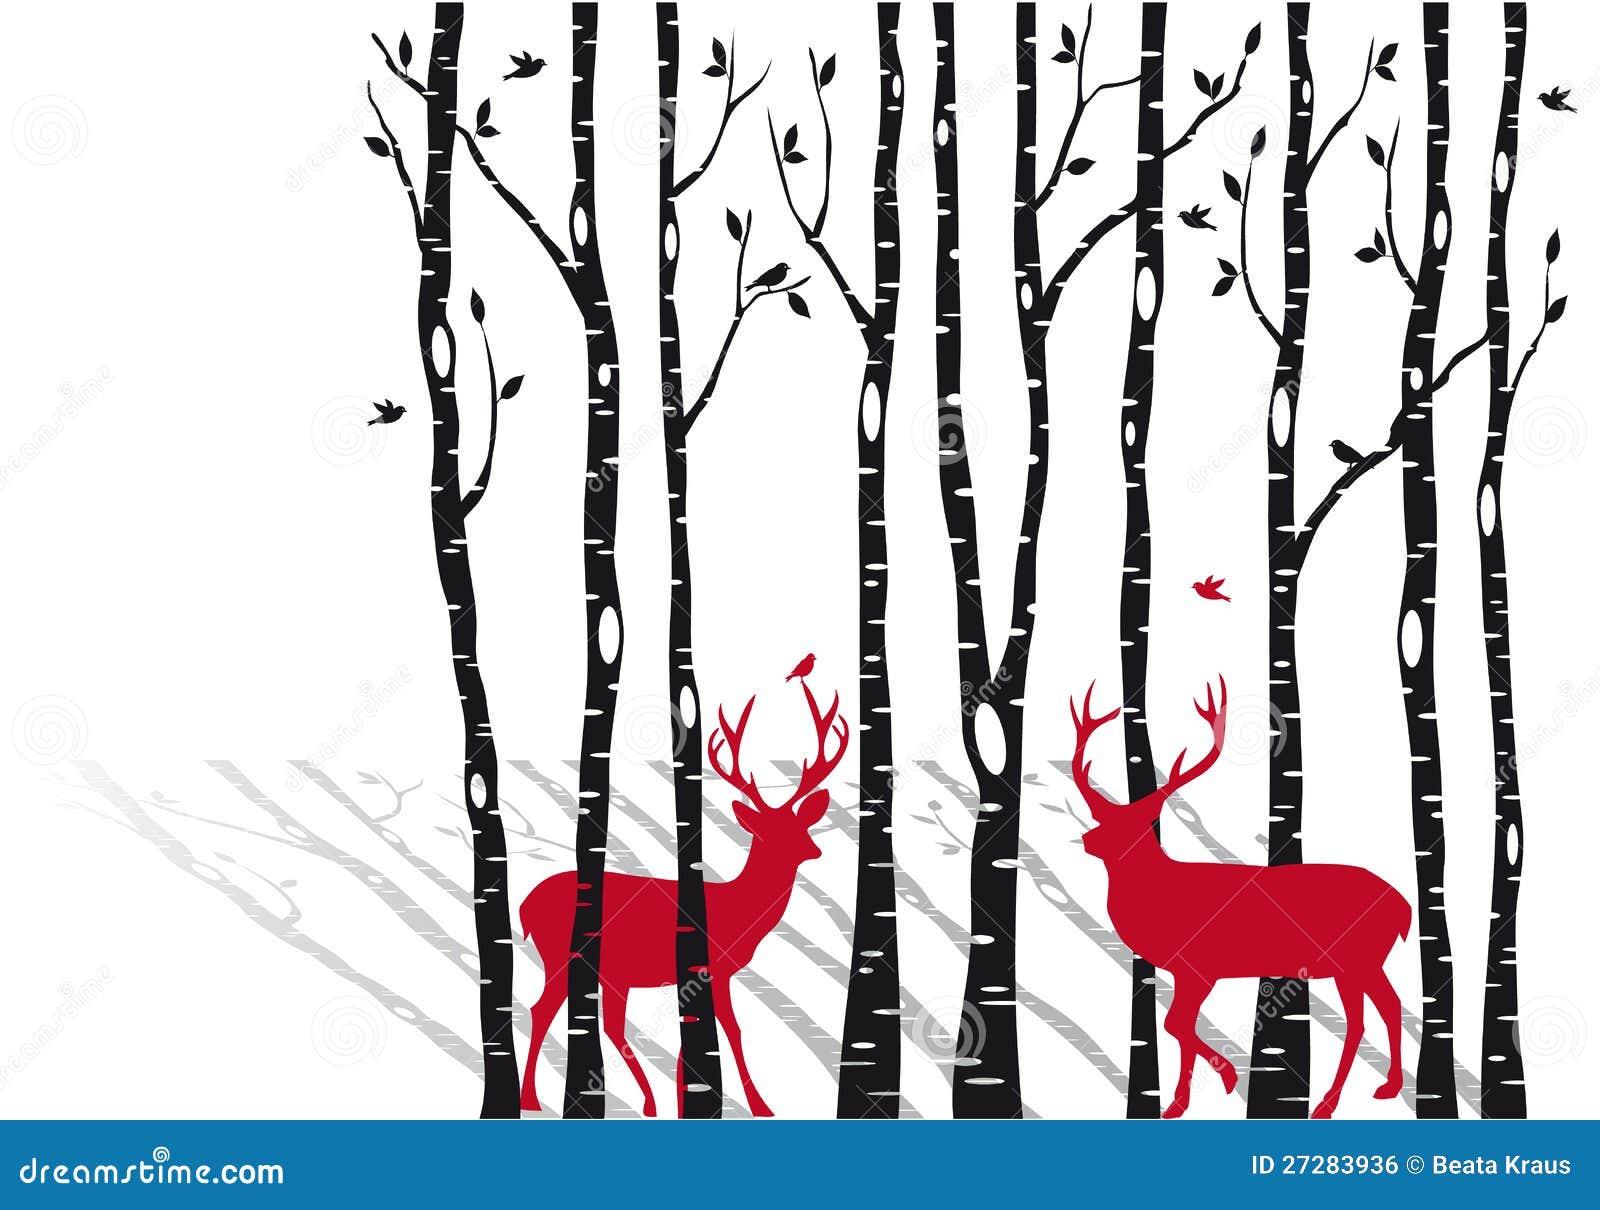 #BF0C26 Arbres De Bouleau Avec Des Deers De Noël Vecteur Image  5331 décorations de noel avec bouleau 1300x1000 px @ aertt.com